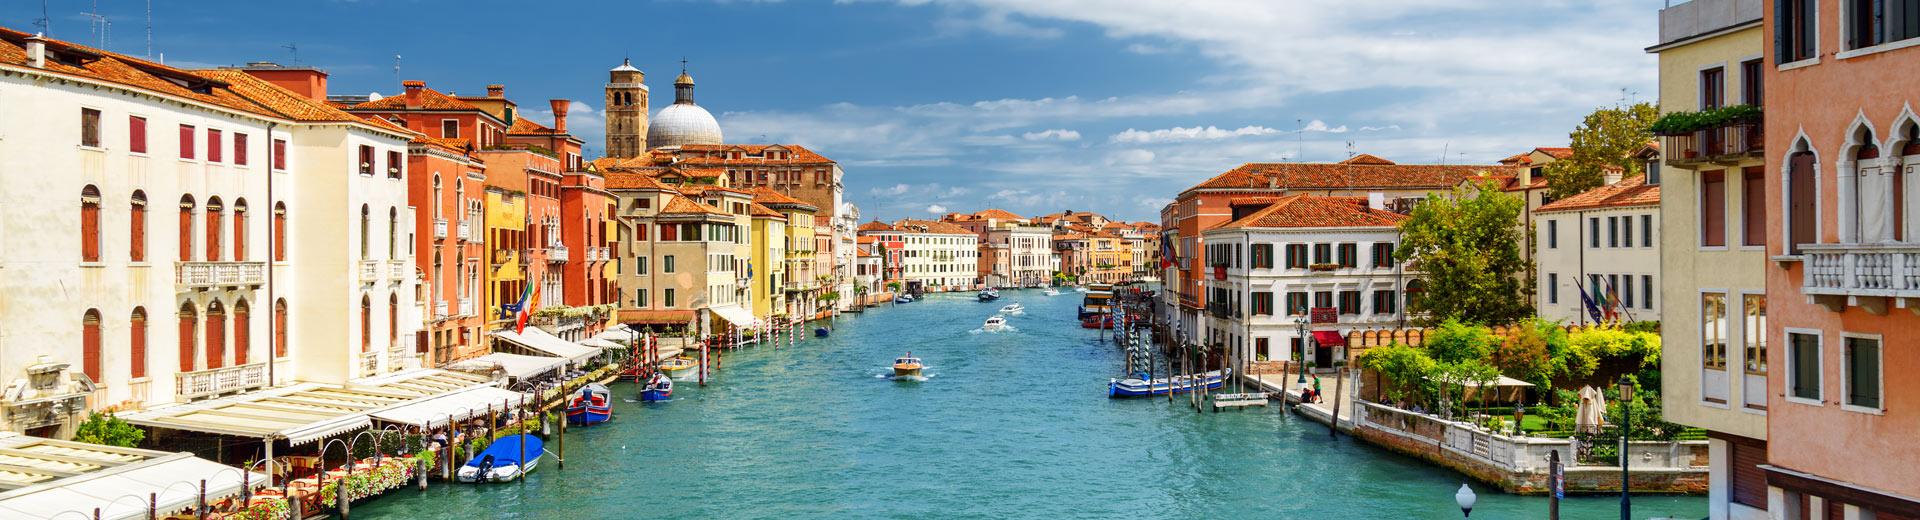 Schneller im Süden - Italien entdecken